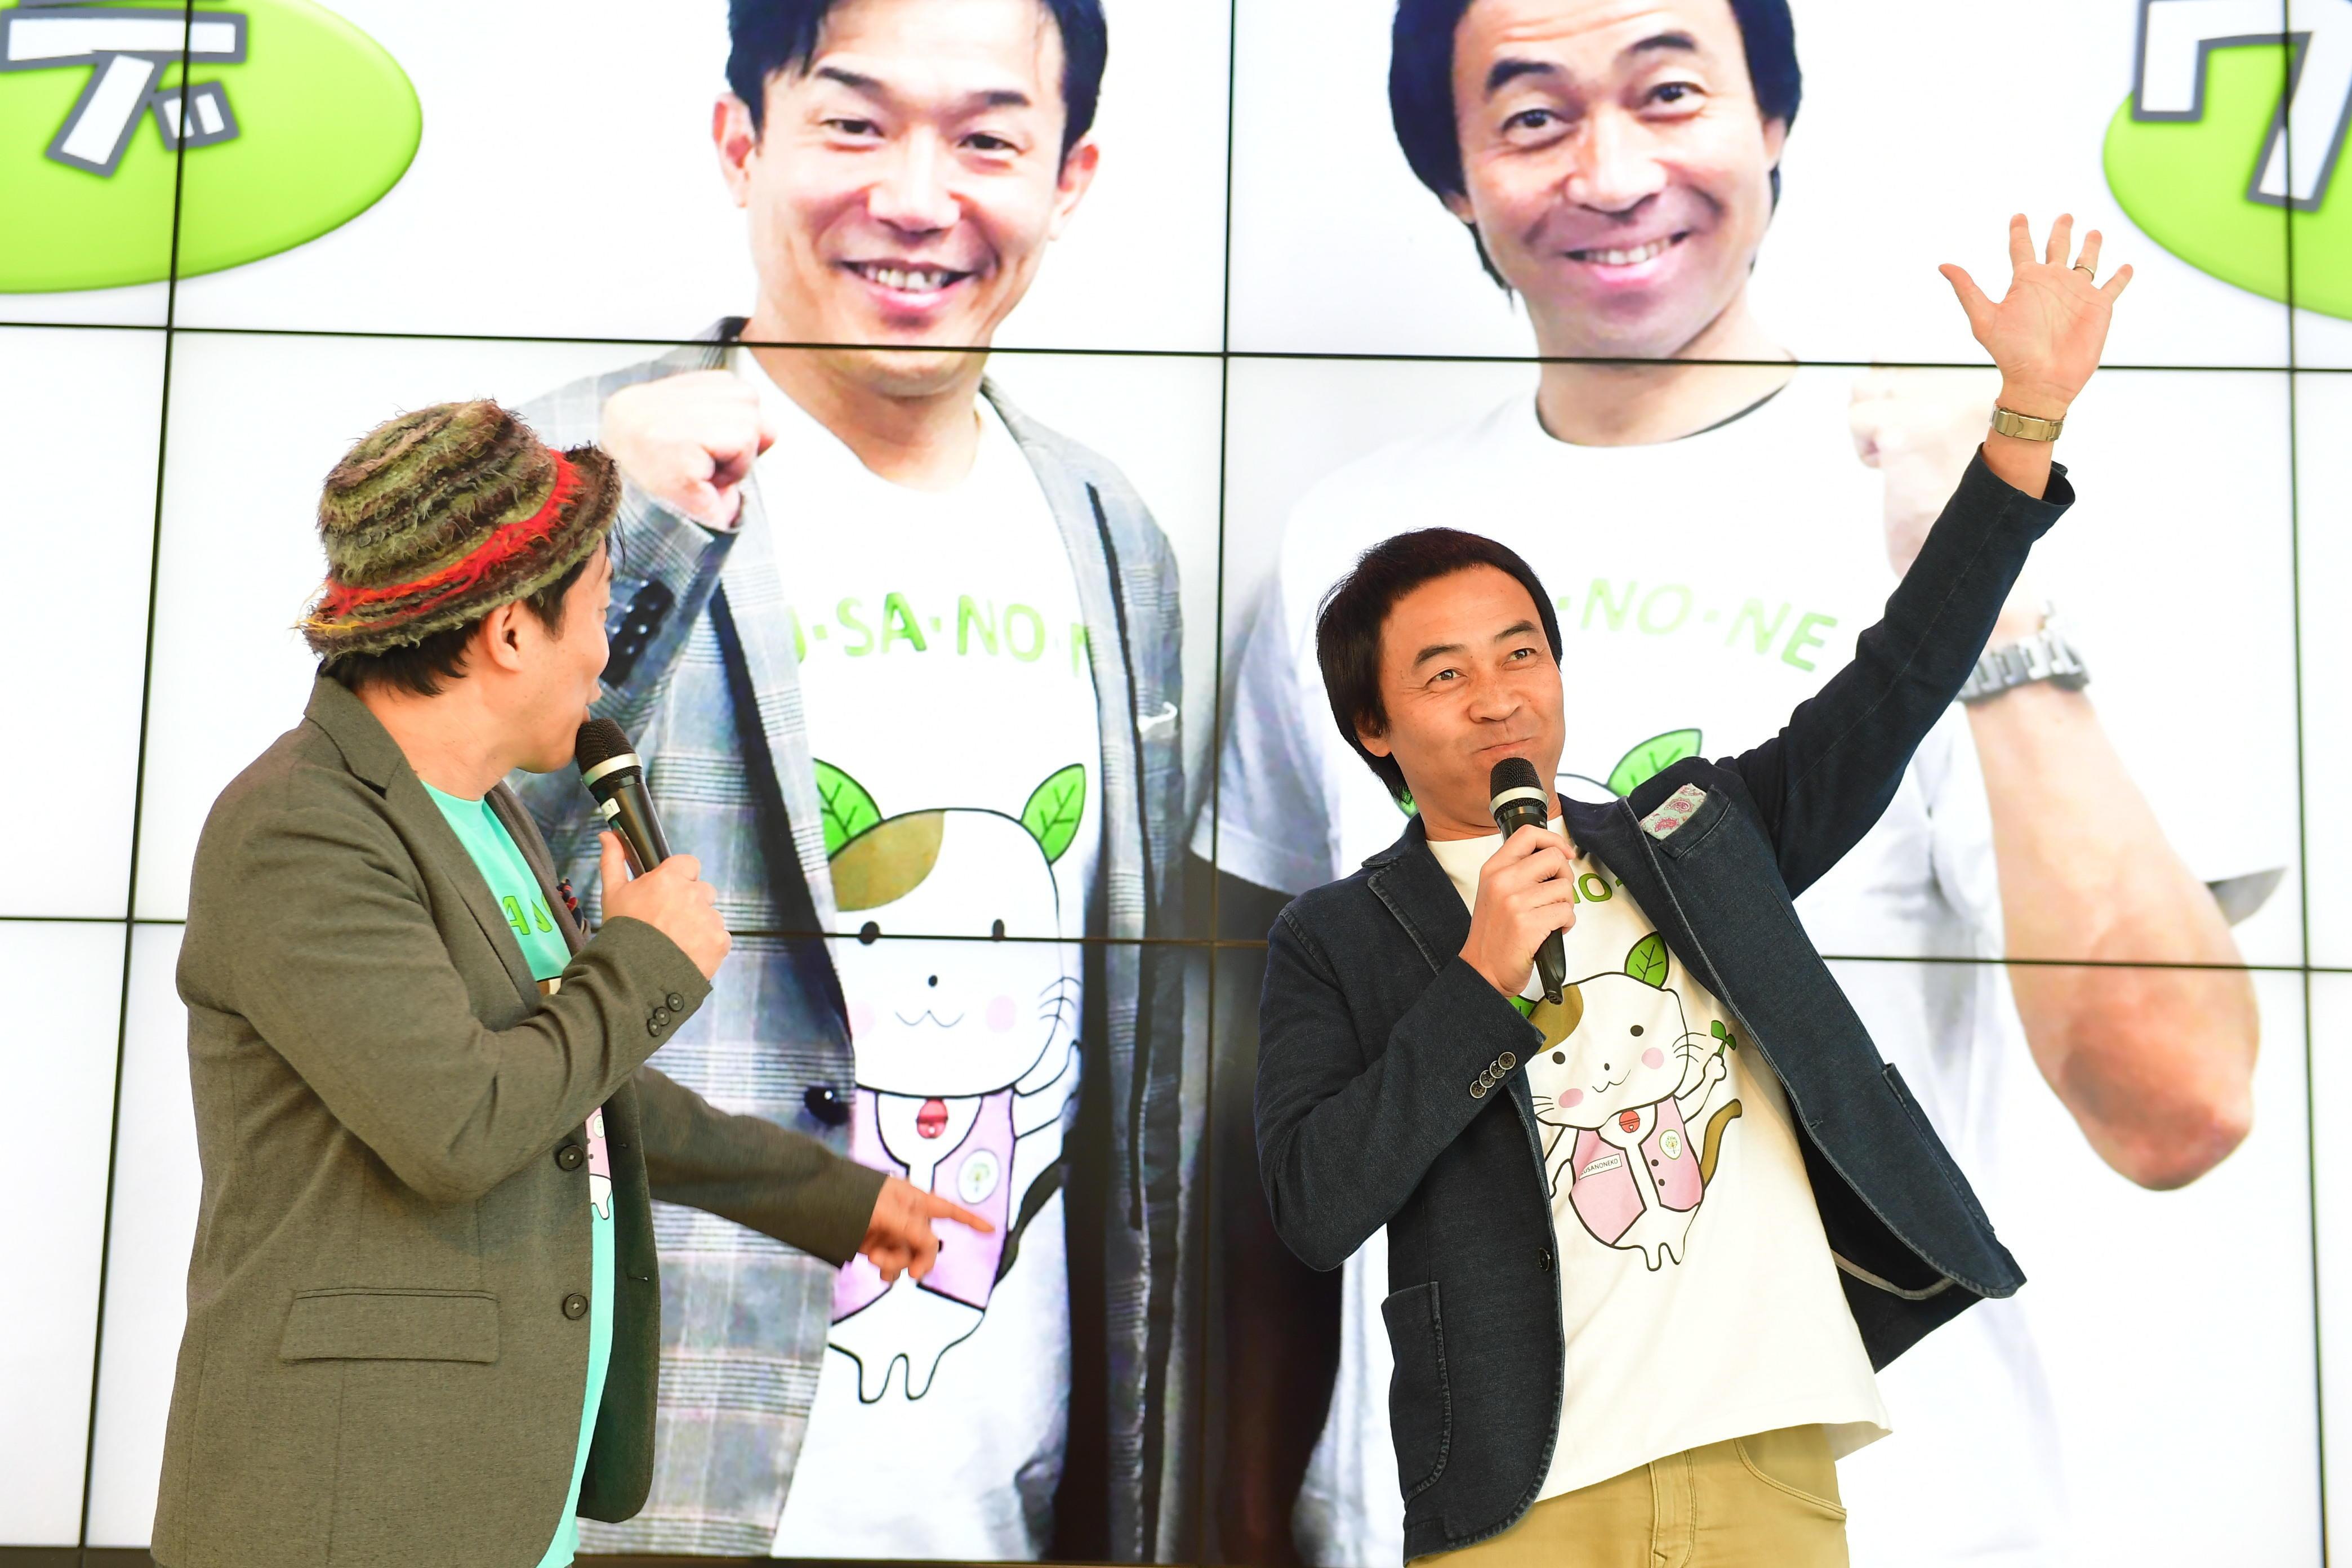 http://news.yoshimoto.co.jp/20190203131108-011a6009f8d28084afbd26d0cc73cfc9f967ae2a.jpg